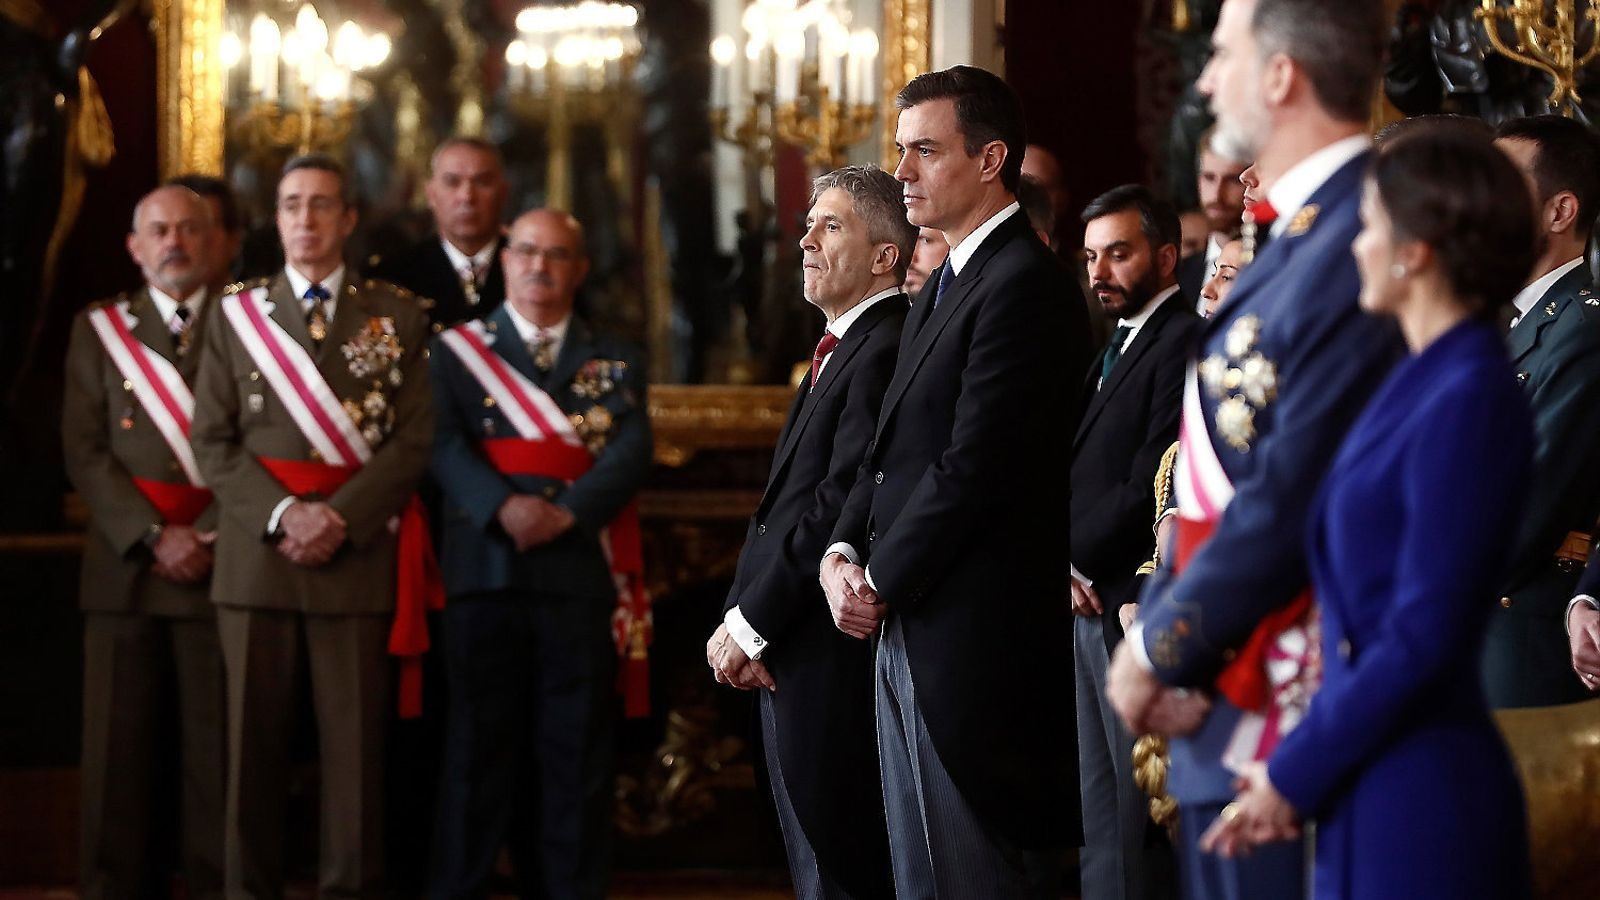 El presidente del gobierno español, Pedro Sánchez, y el ministro del Interior, Fernando Grande-Marlaska, ante cargos del ejército durante la celebración de la Pascua Militar. / MARISCAL / EFE